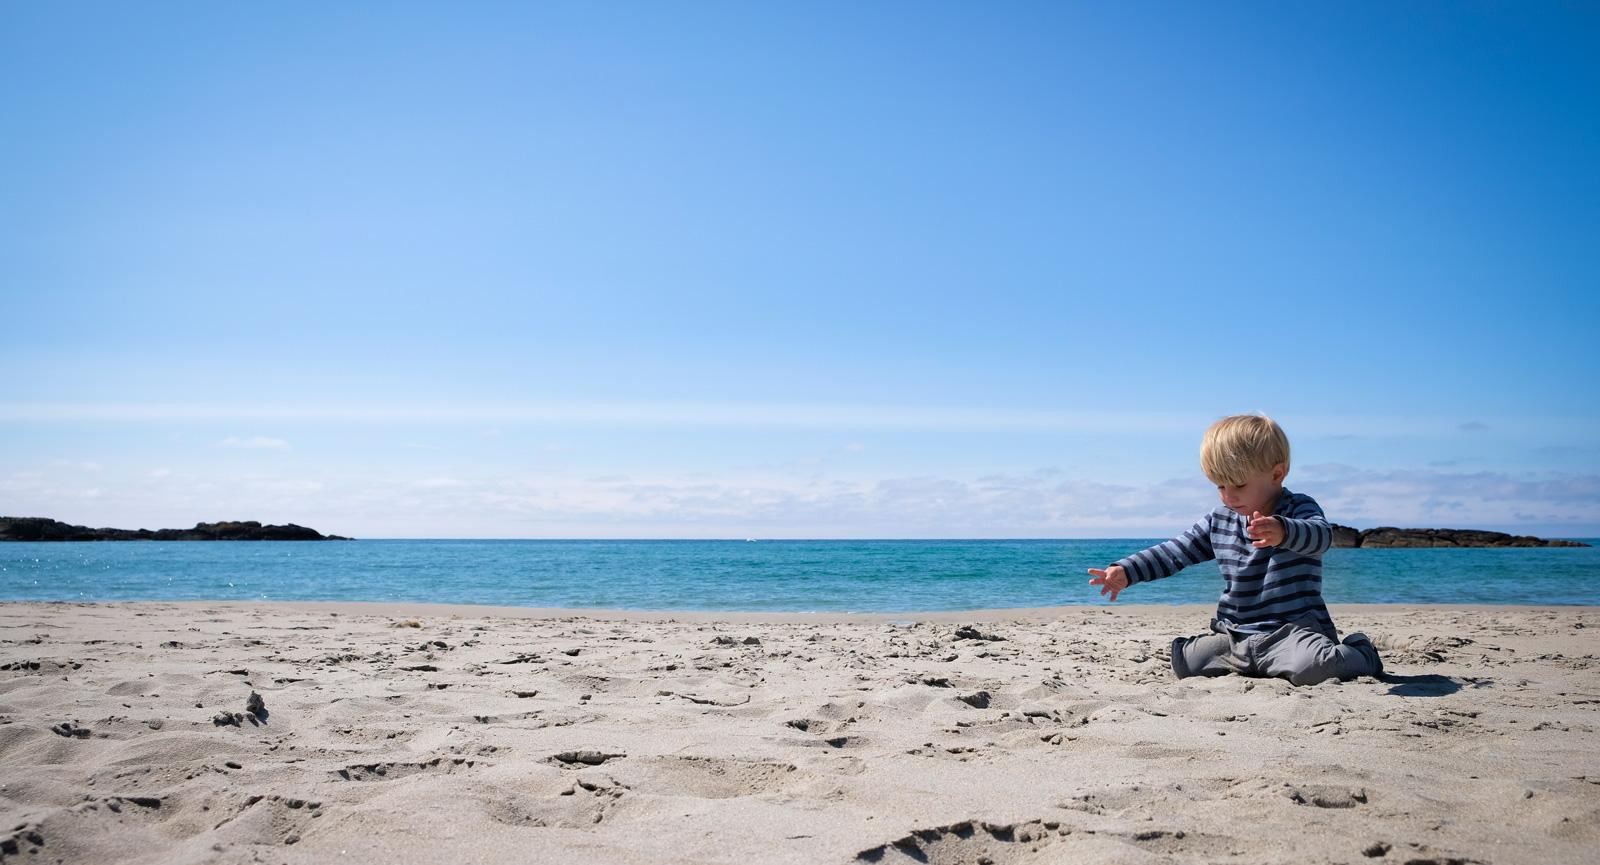 Folktomma stränder med sand av karibisk  kvalitet var en kul överraskning.